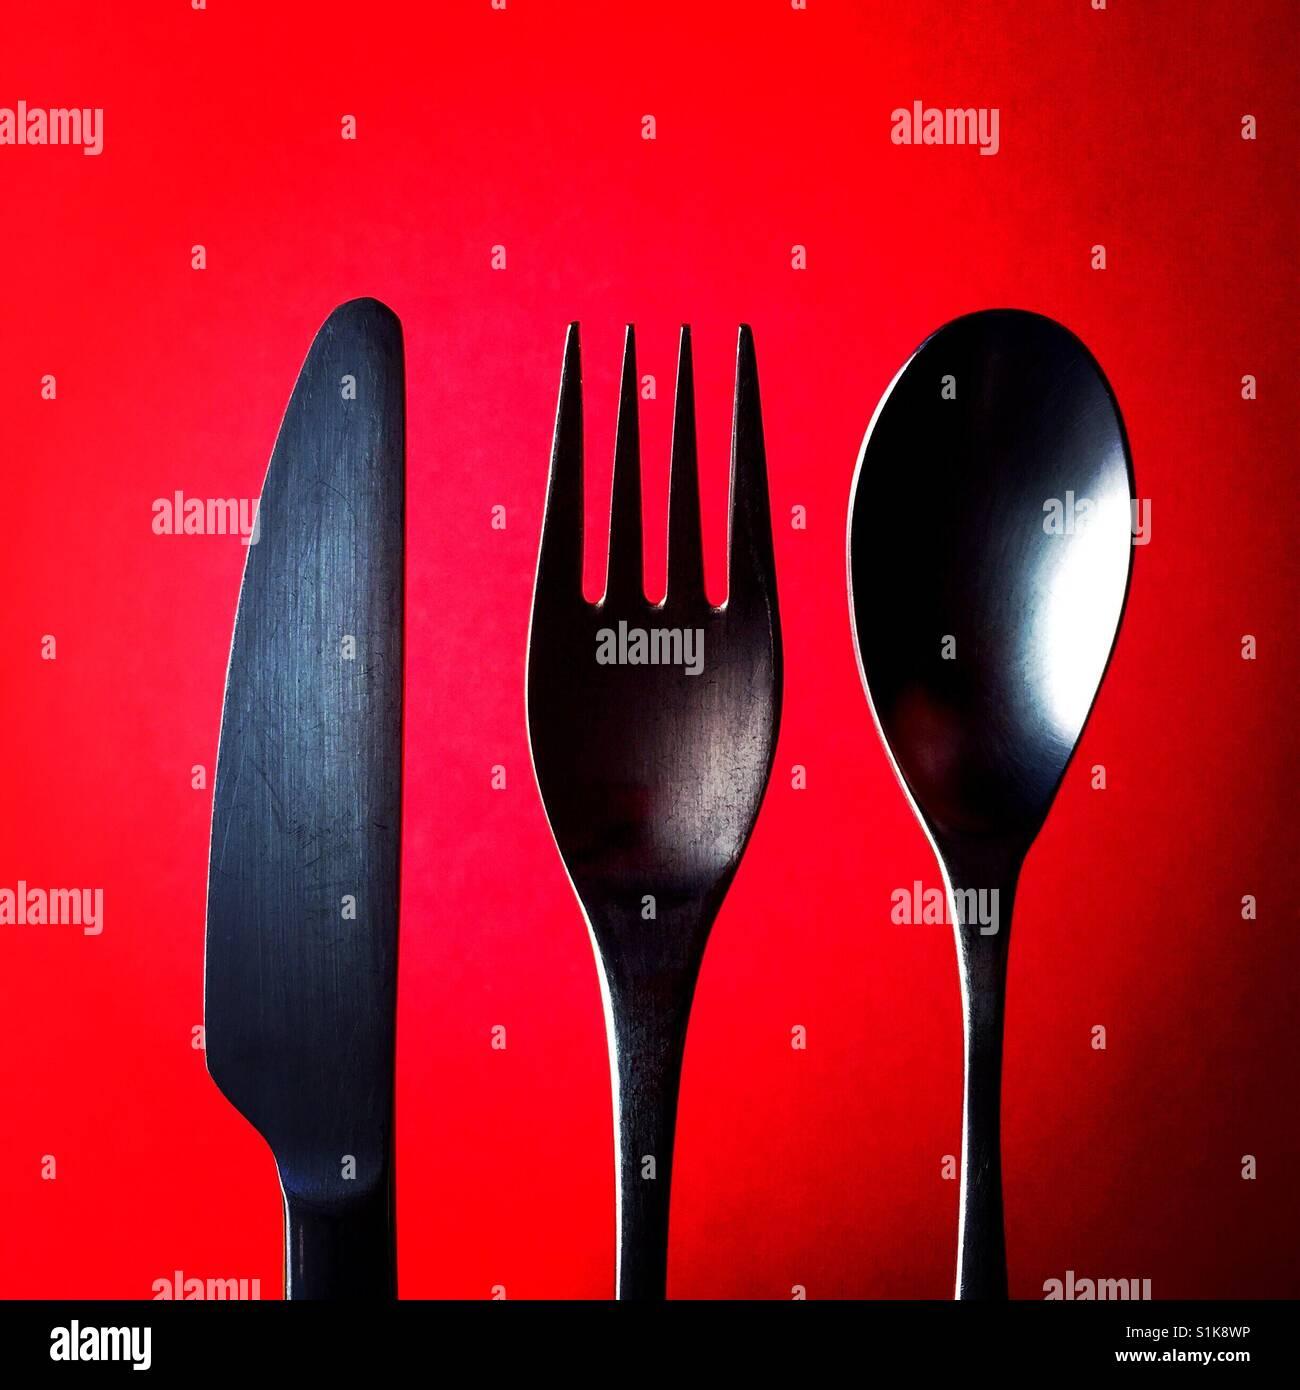 Una fotografía cenital de un cuchillo y un tenedor y una cuchara sobre un fondo rojo. Imagen De Stock